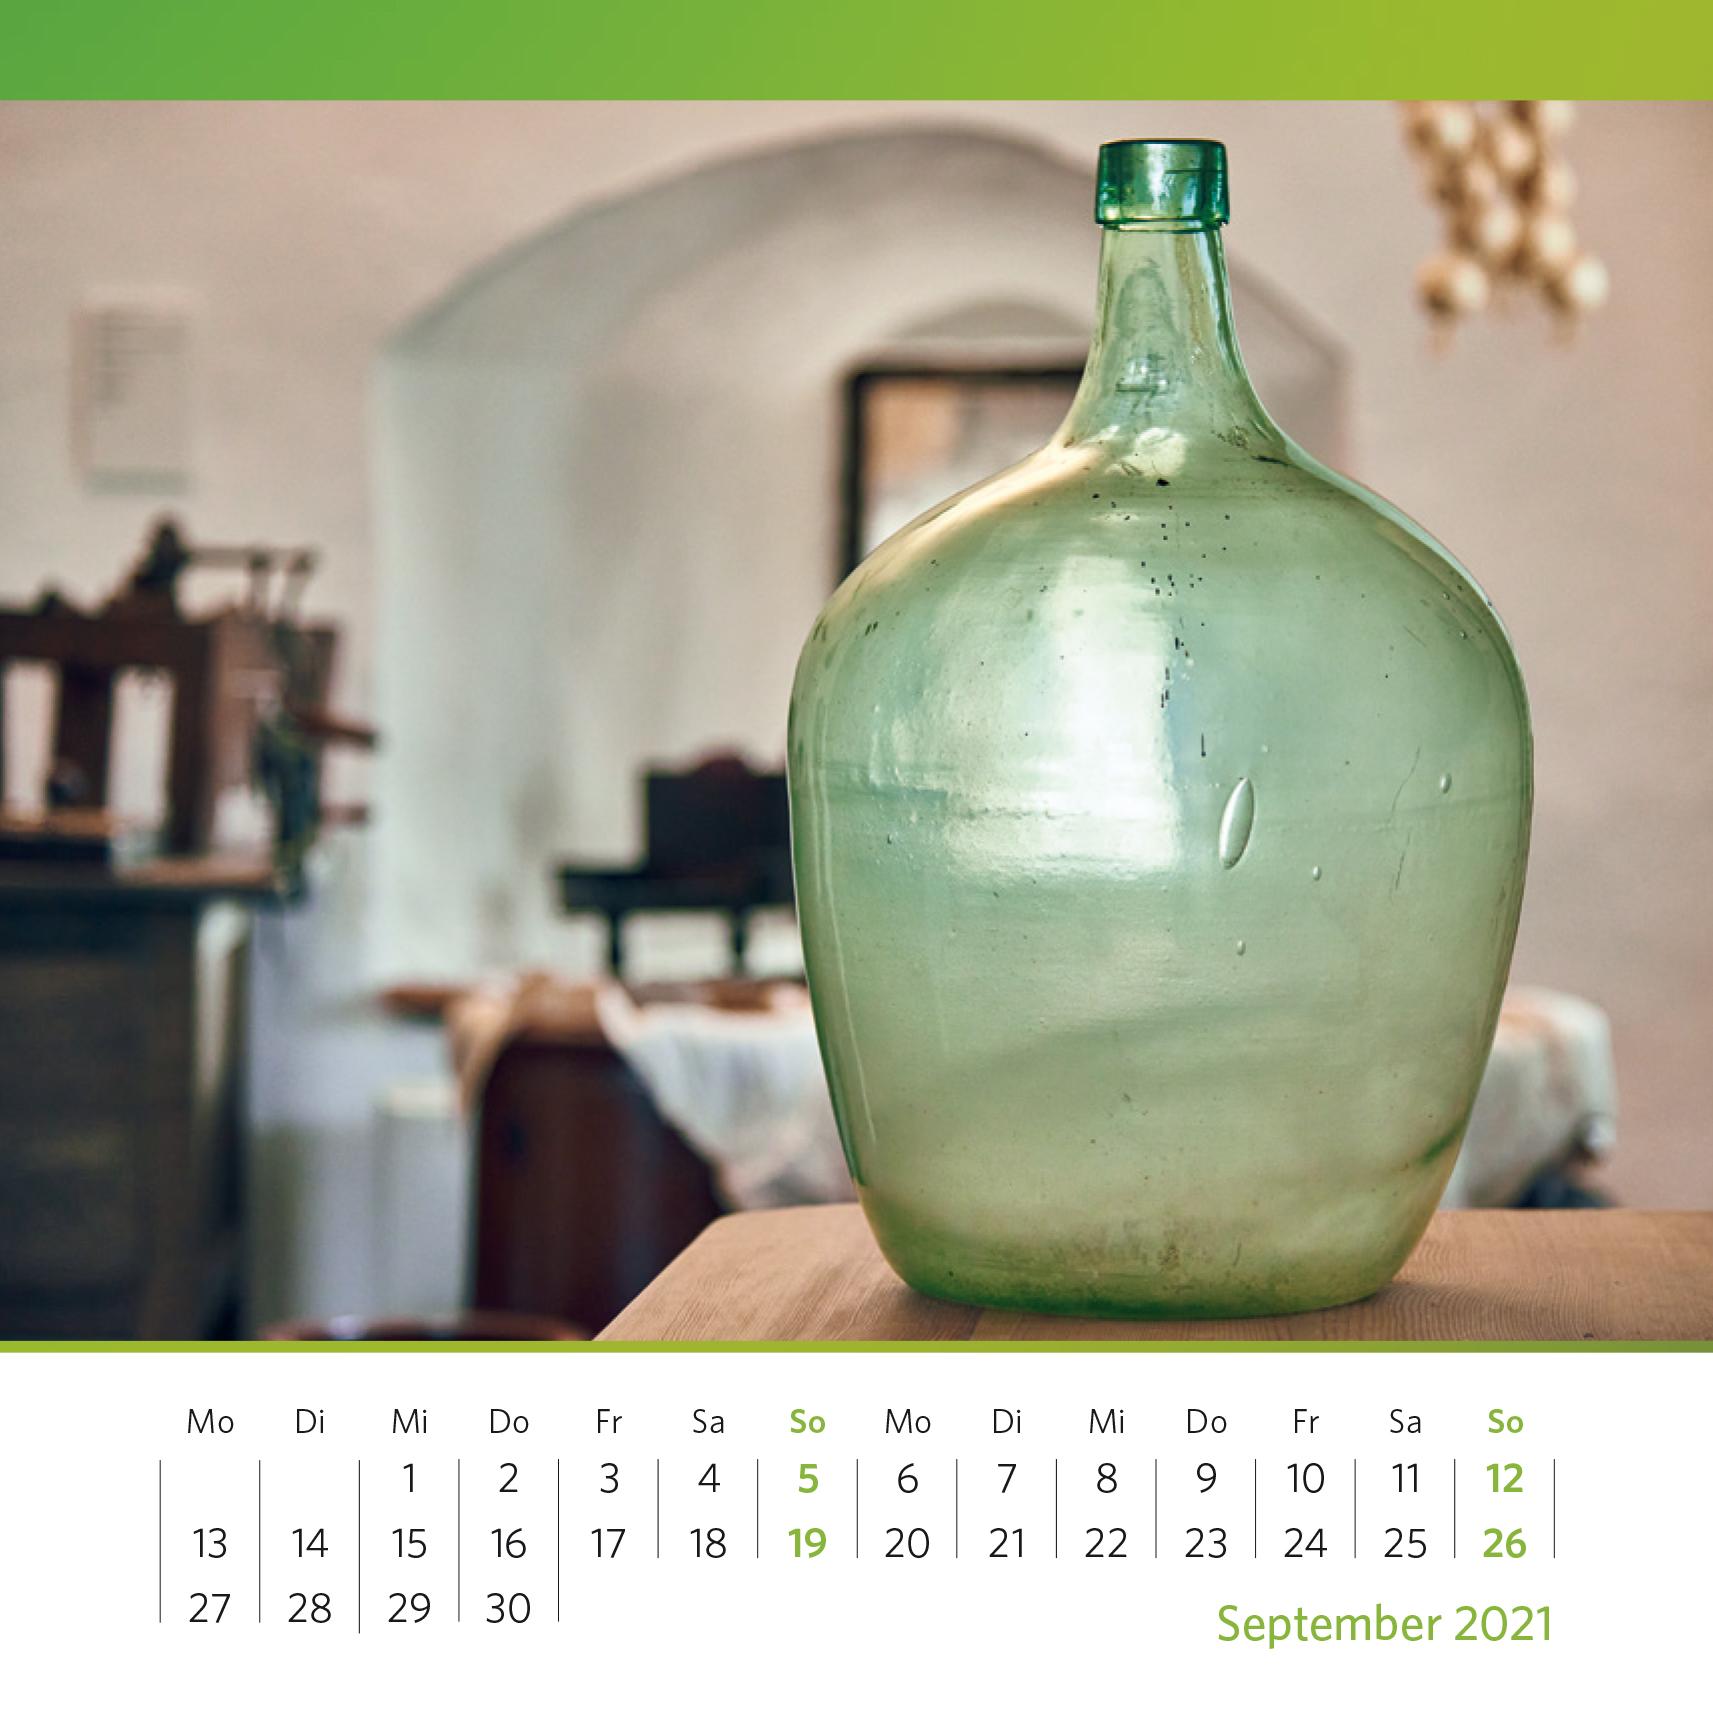 Glasballon mit leichter Grünfärbung. Winzige Mengen von Eisen sorgen für eine Grünfärbung des Glases. Foto: Oliver Kolken